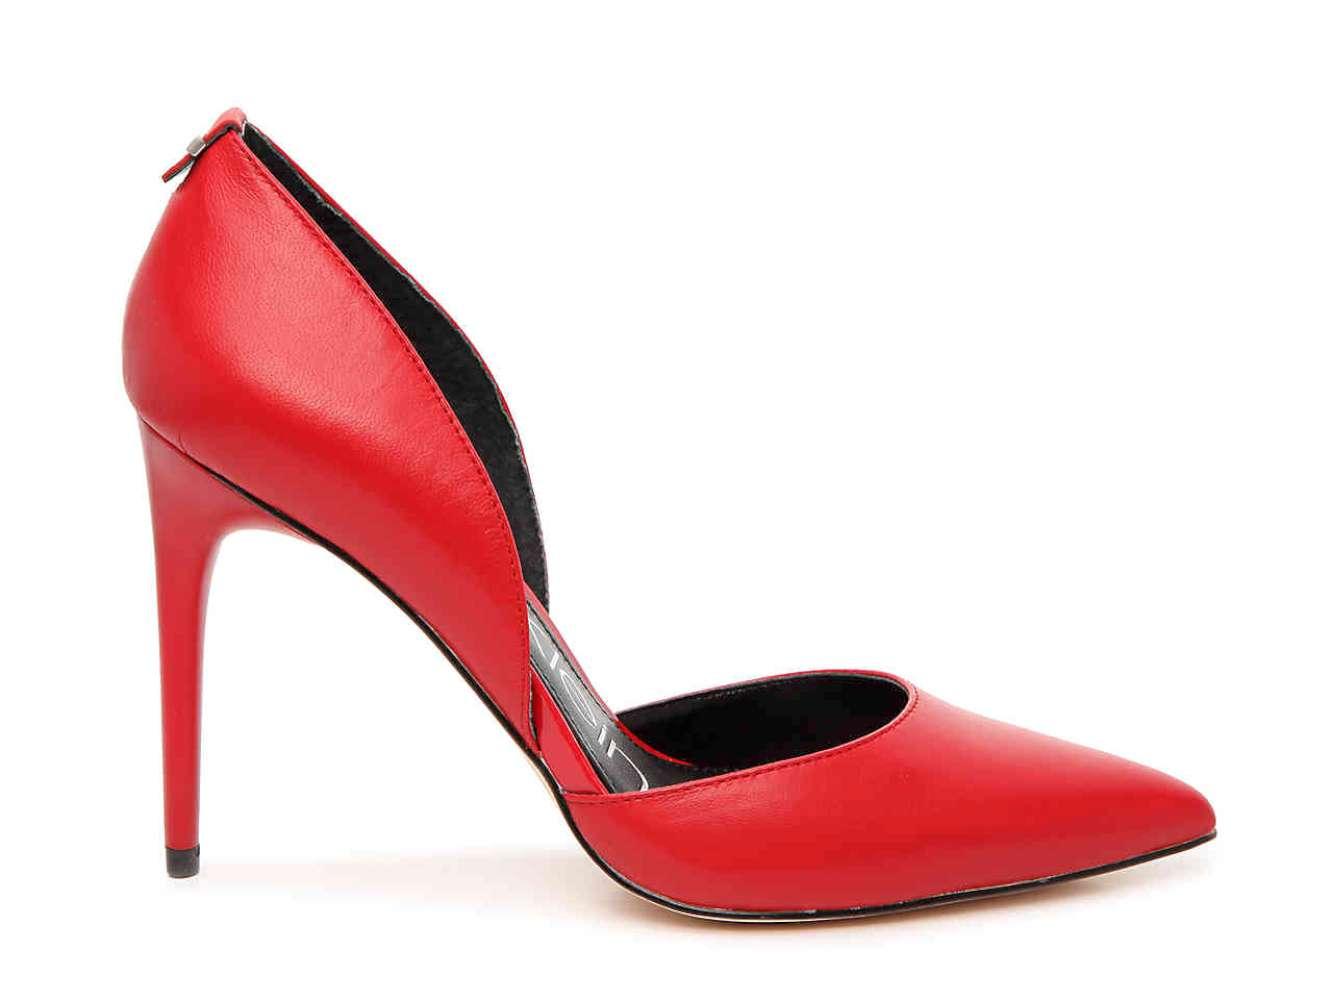 Steve Madden Womens 'Lemorre' Platform Pump Shoes Natural/Multi US 6.5